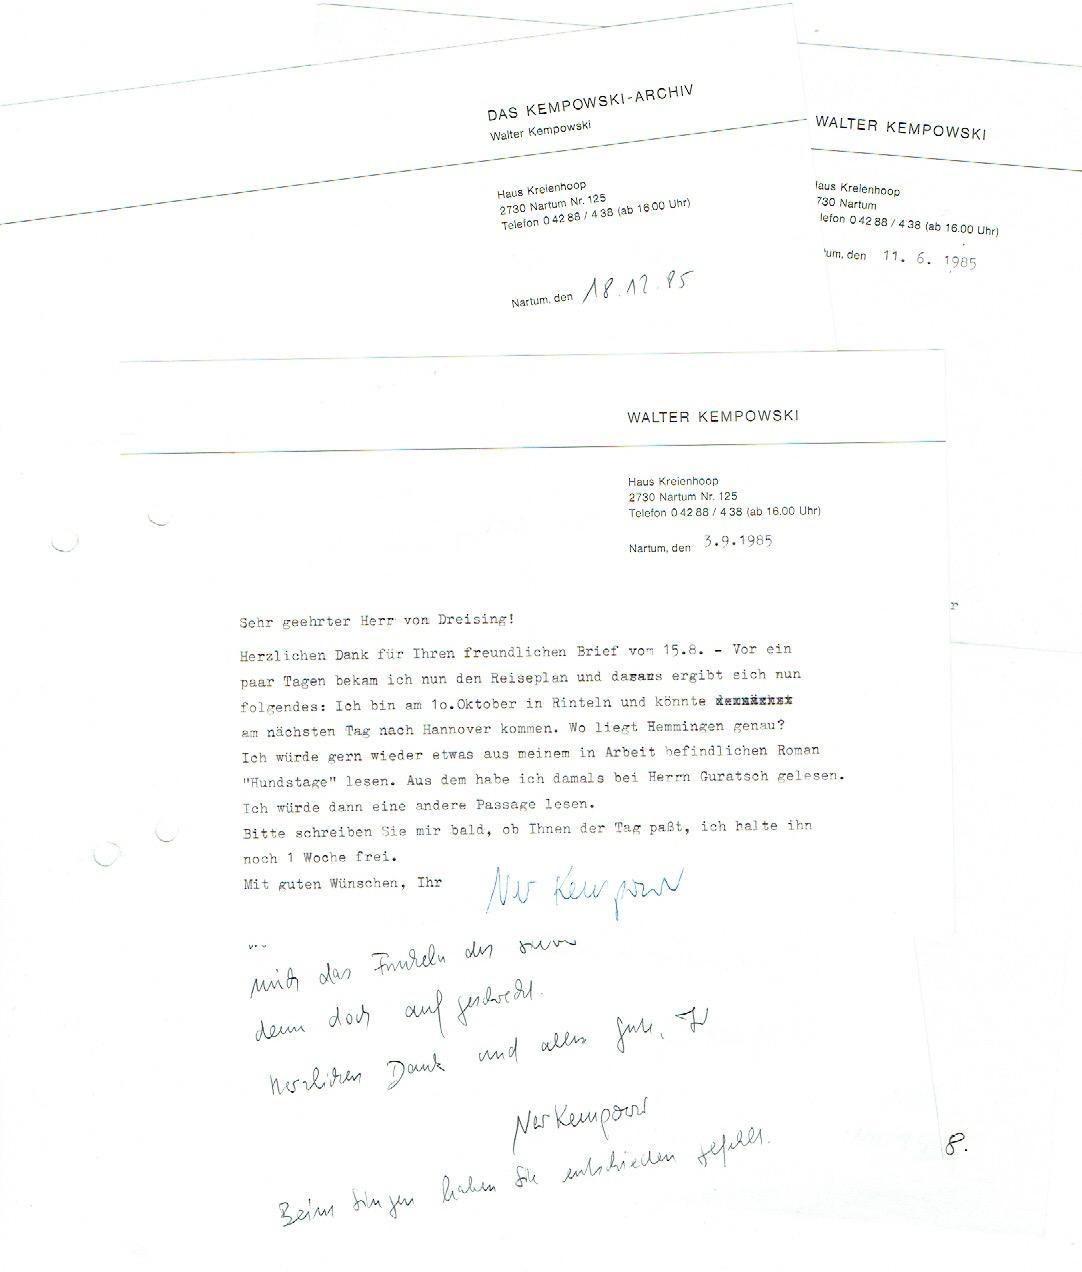 5 Briefe (davon 4 ms., 1 eigenh.): Kempowski, Walter, Schriftsteller